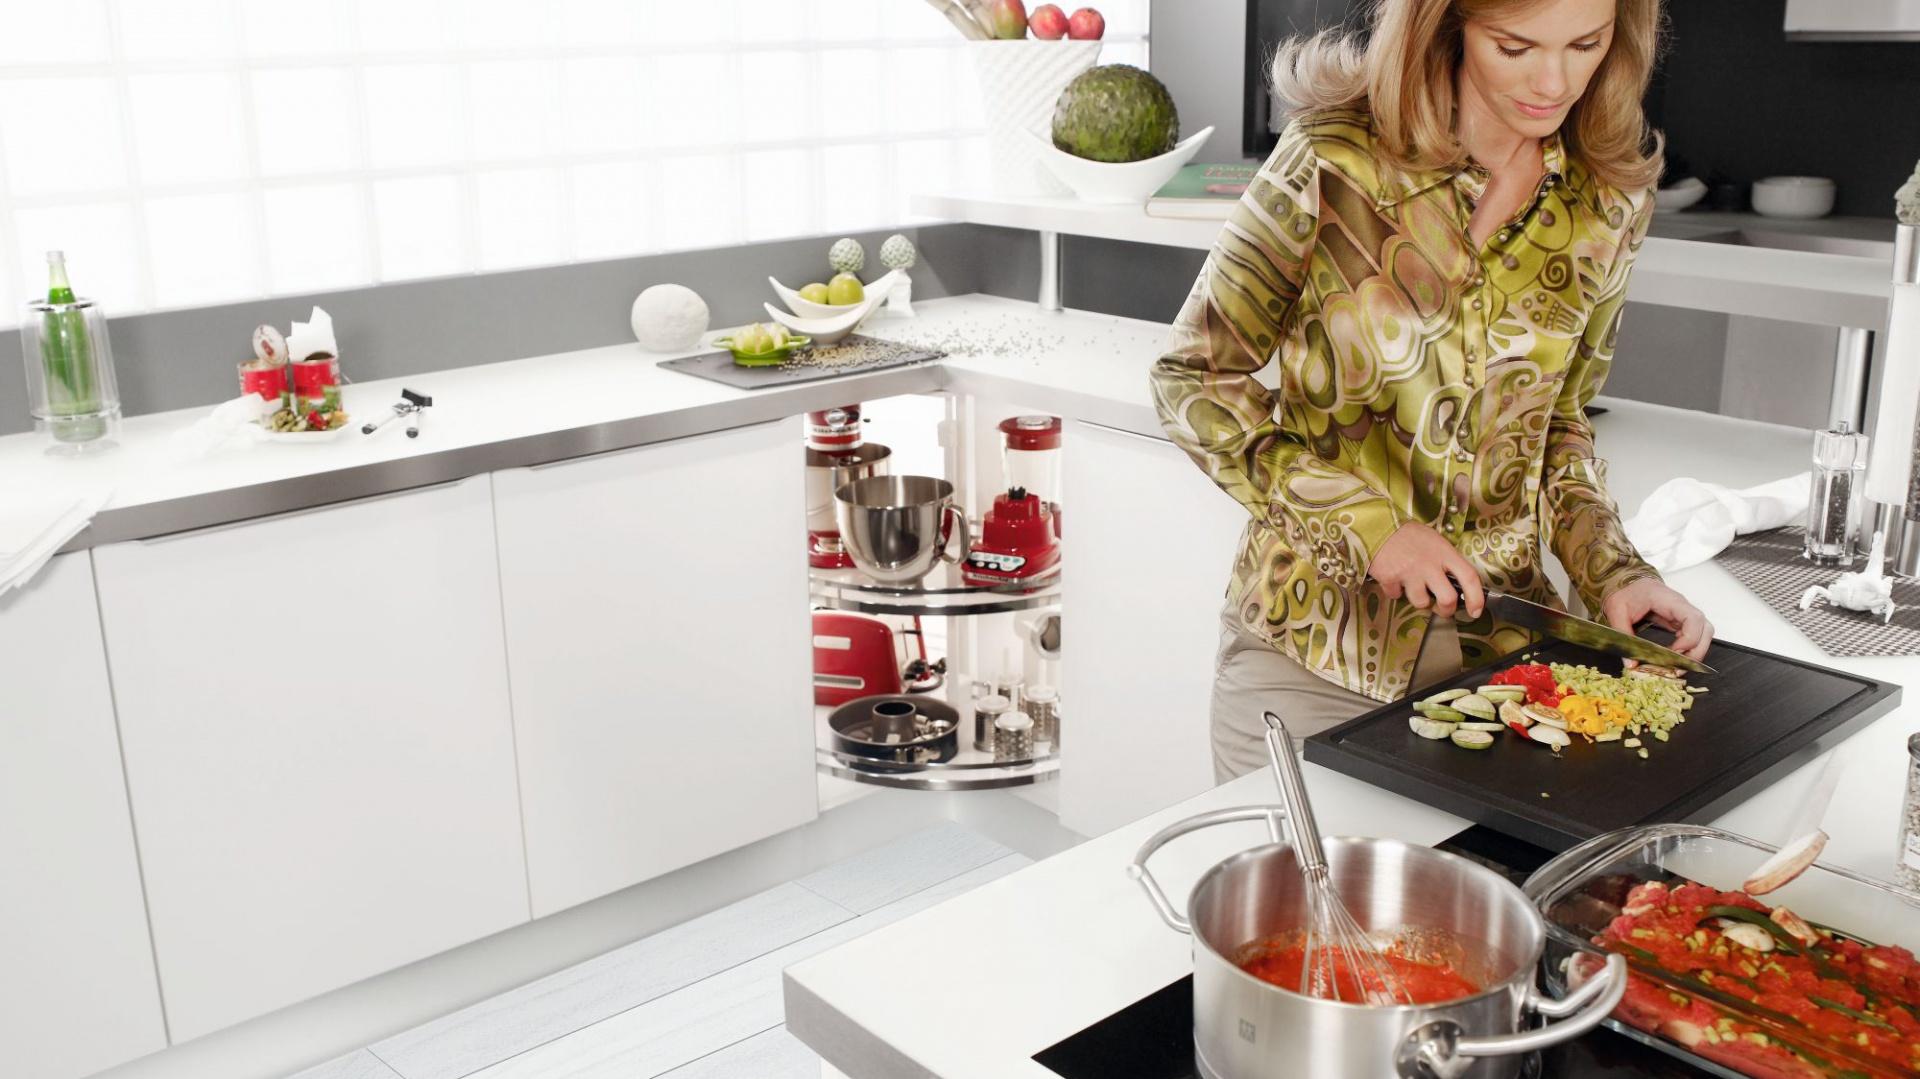 Szafka narożna jest najtrudniejszą do zagospodarowania częścią kuchennej zabudowy. Na zdjęciu karuzela Revo 90, która pozwala maksymalnie wykorzystać przestrzeń w kuchennym narożniku. Fot. Peka